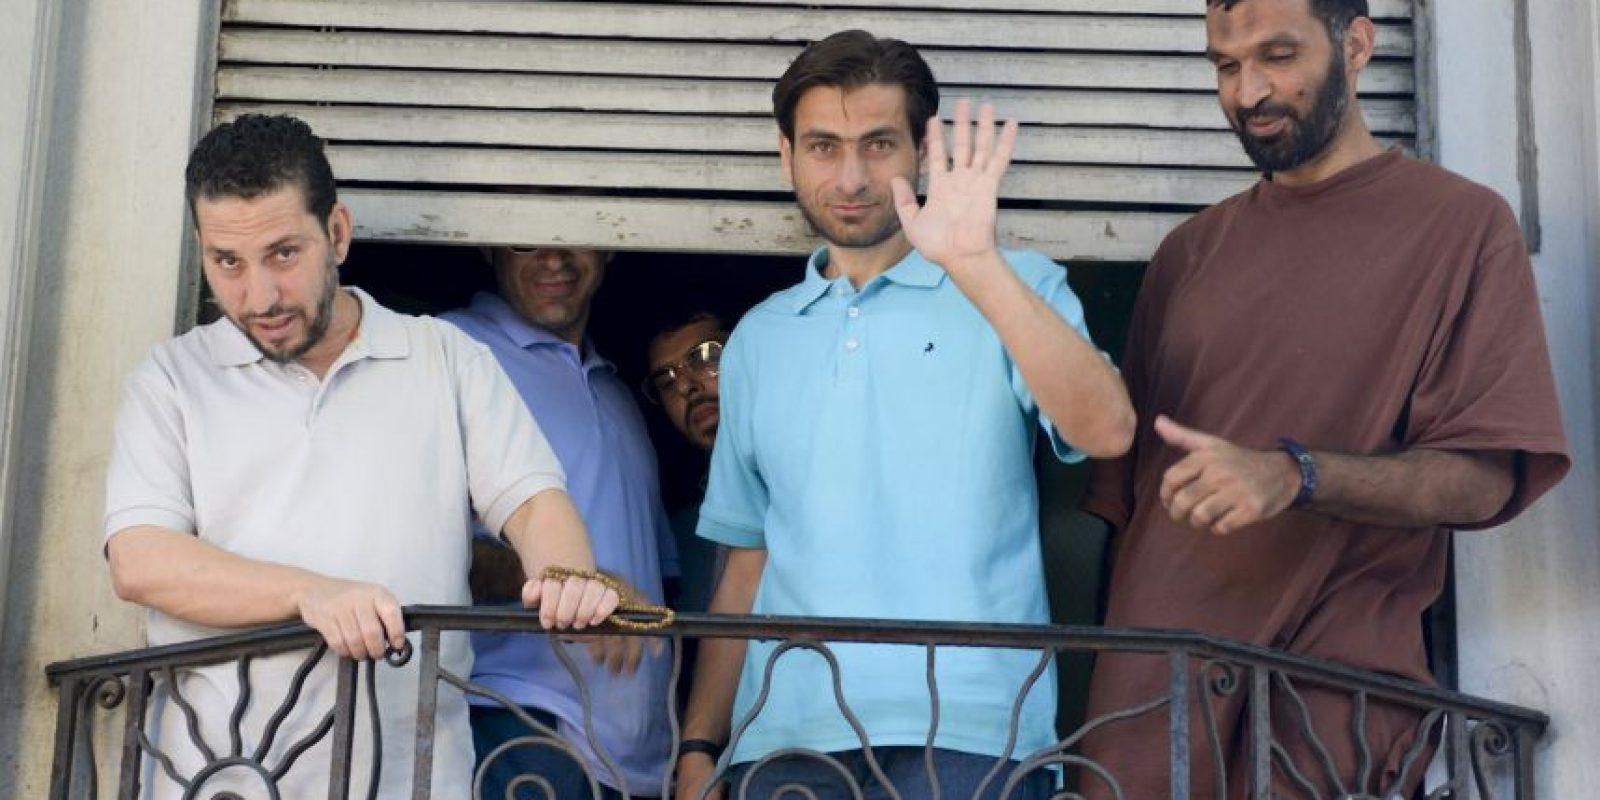 Los seis exreclusos estuvieron encerrados más de 10 años sin juicio en la base cubana, luego de que fueron hechos prisioneros en Pakistán. Foto:AP